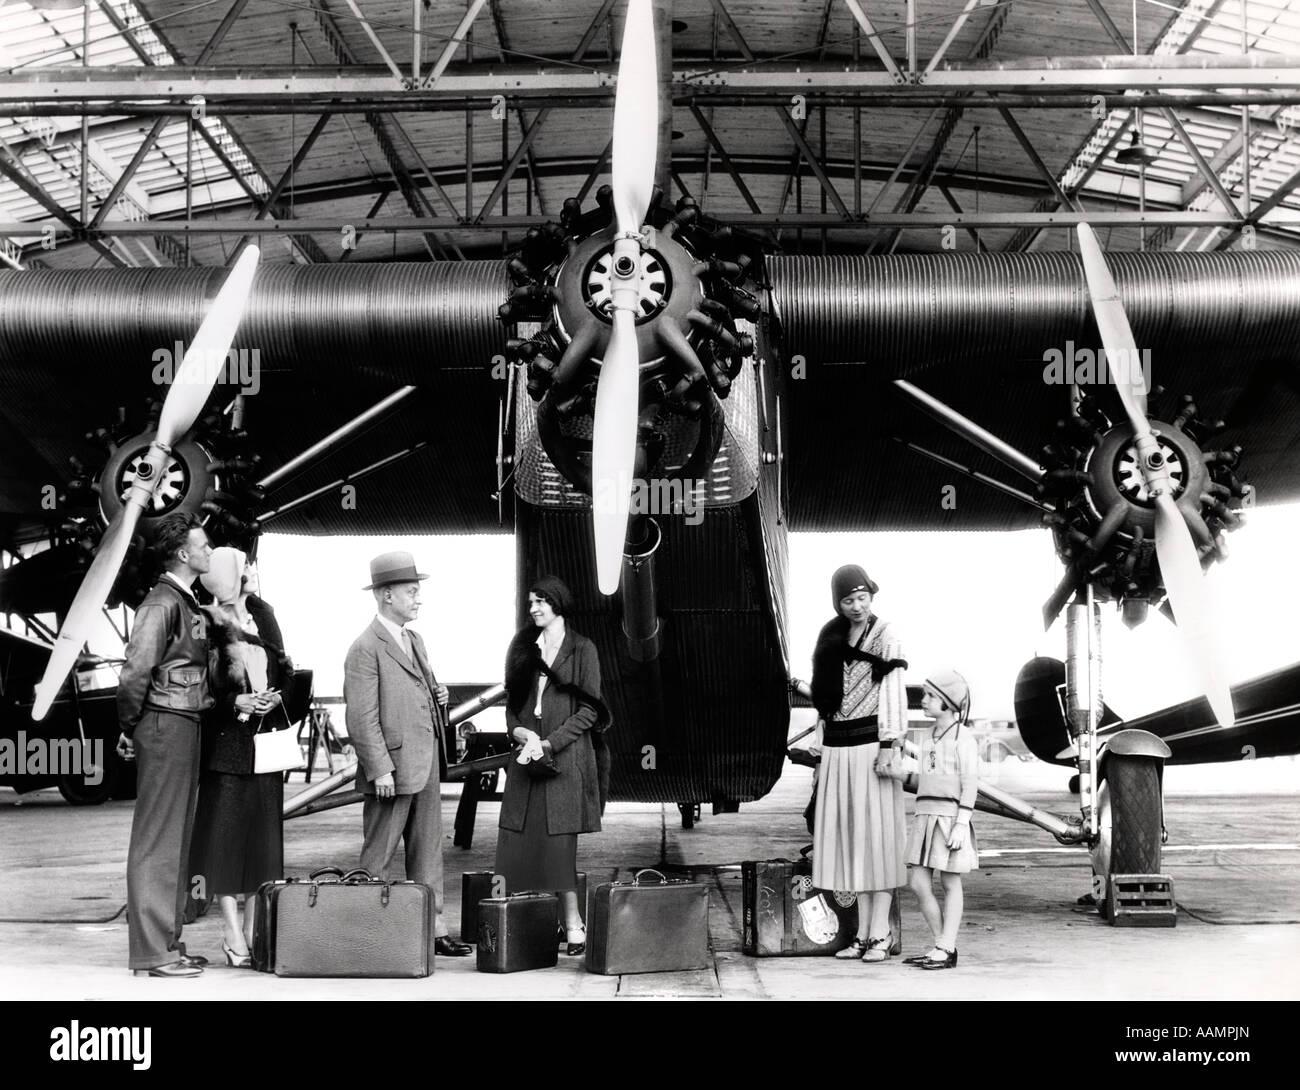 Années 1920 Années 1930 GROUPE DE PASSAGERS EN ATTENTE DEVANT FORD TRI-AVION À MOTEUR Banque D'Images